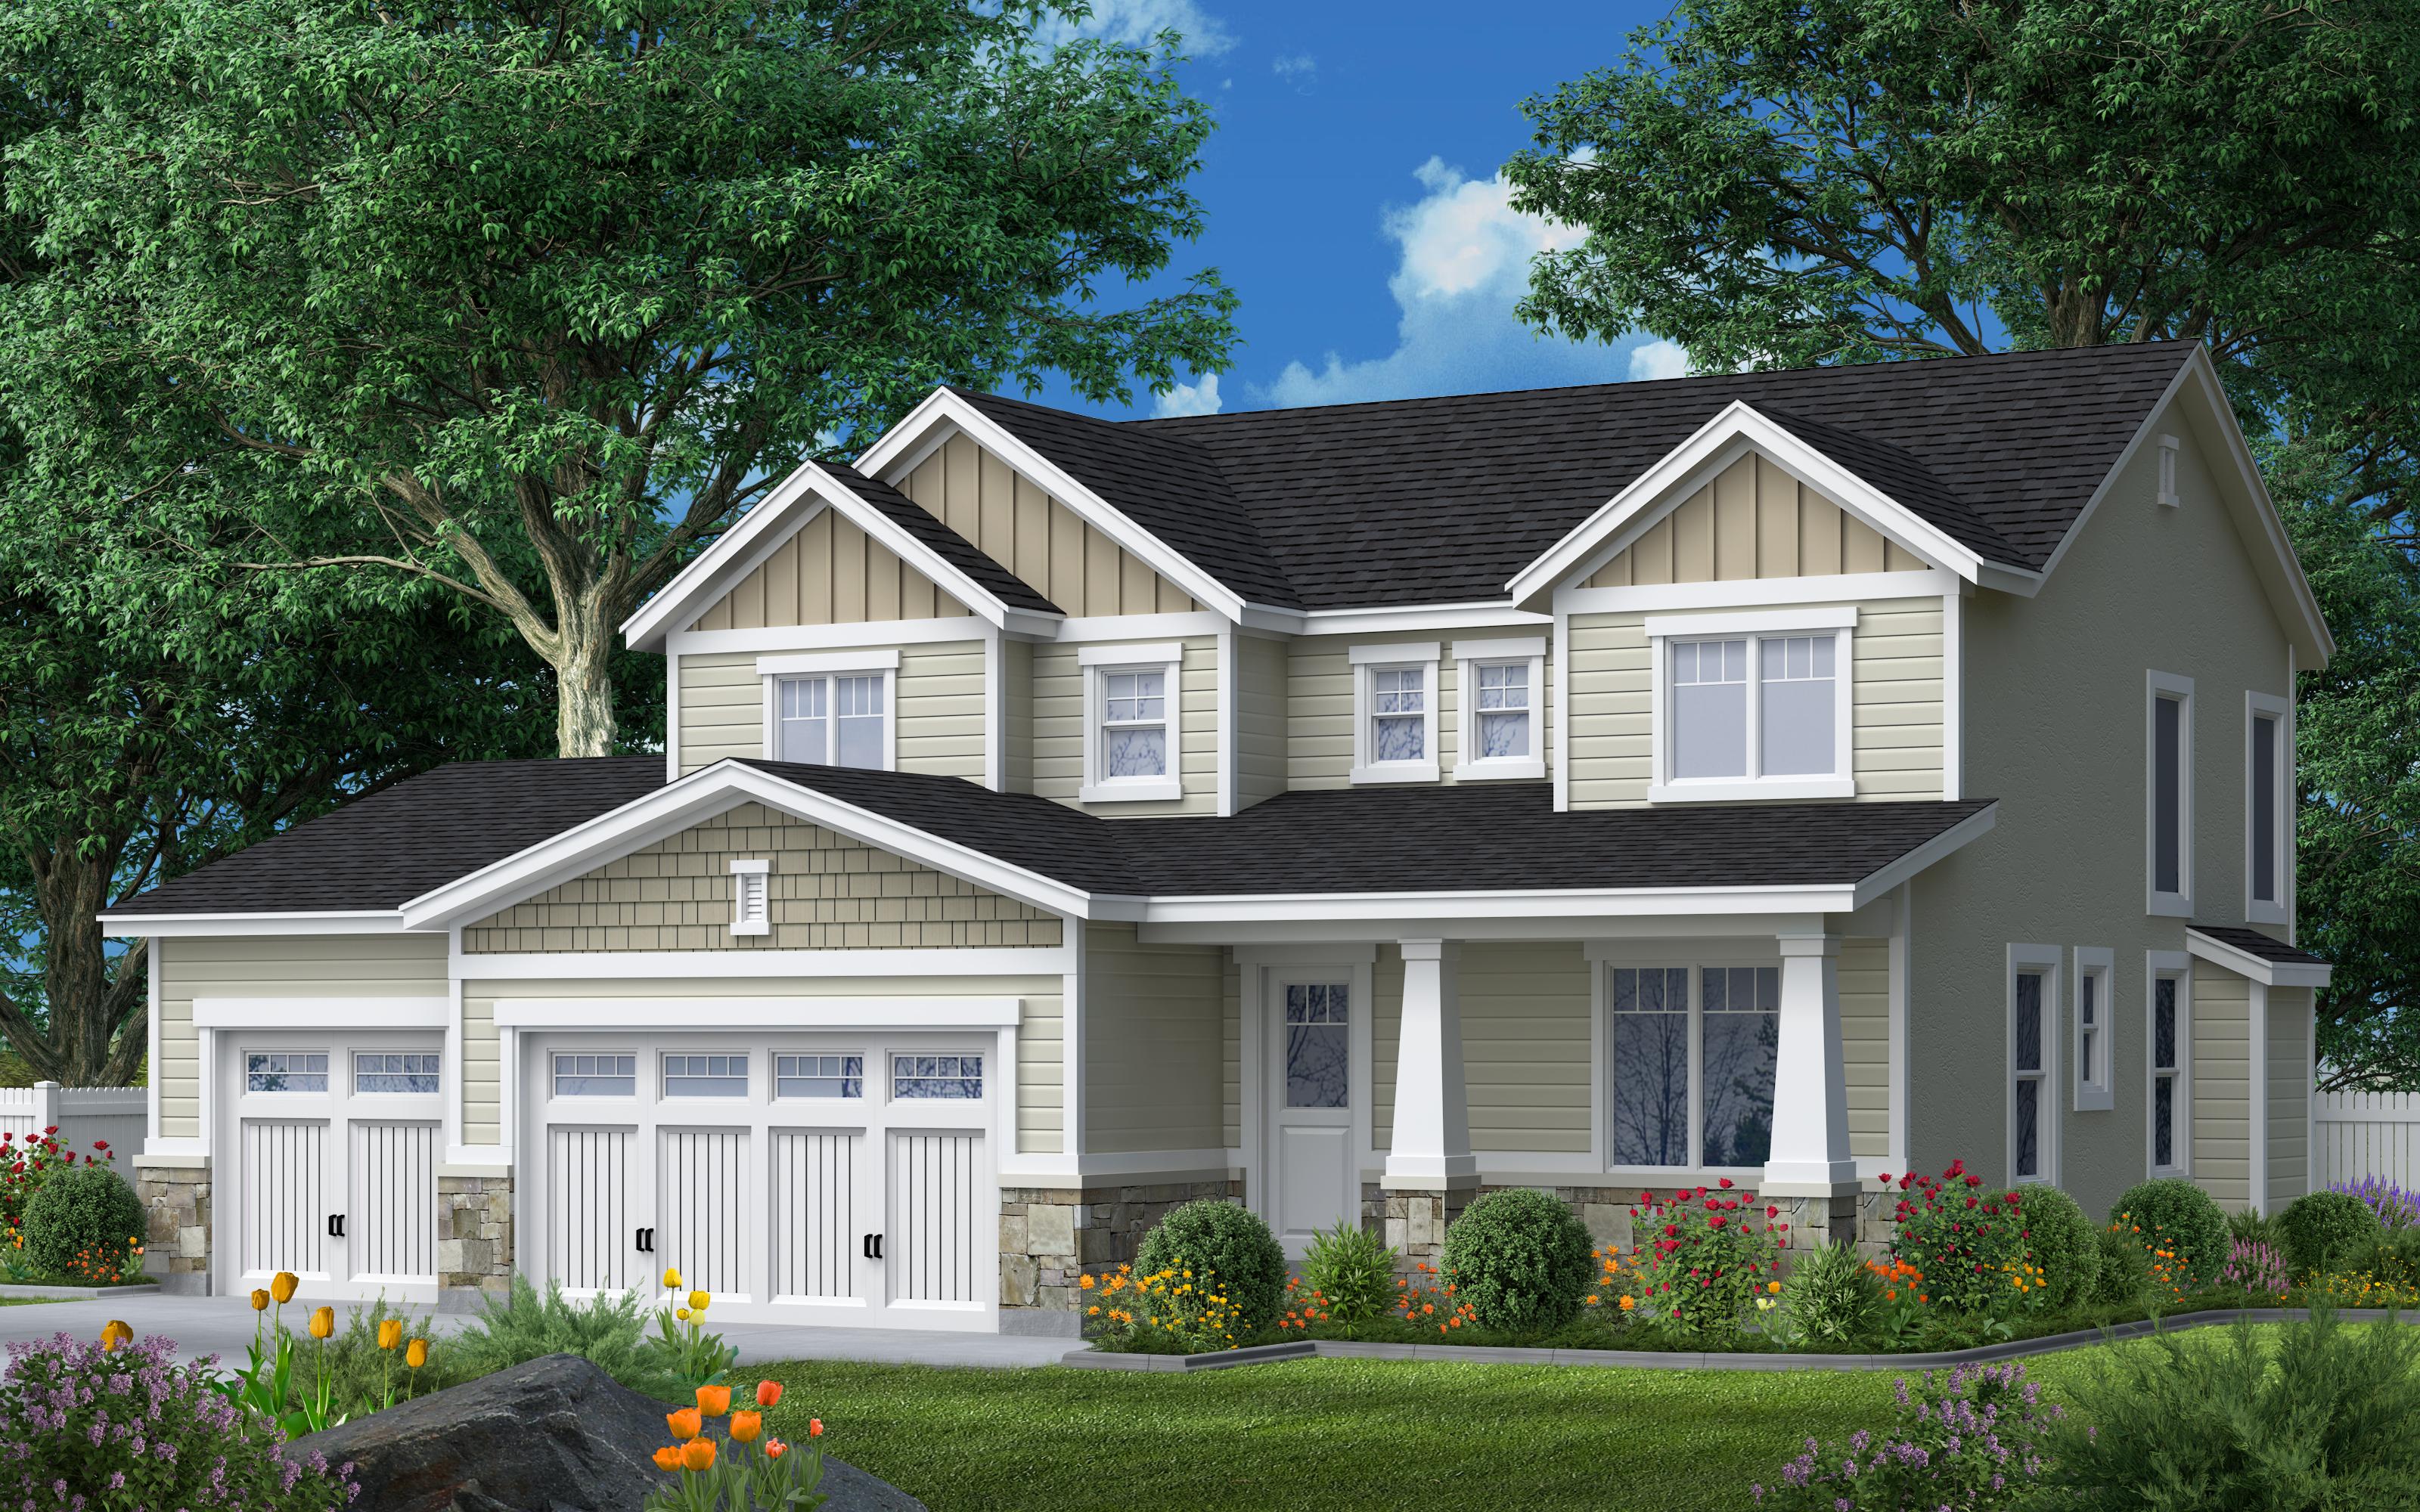 Monroe Home Design